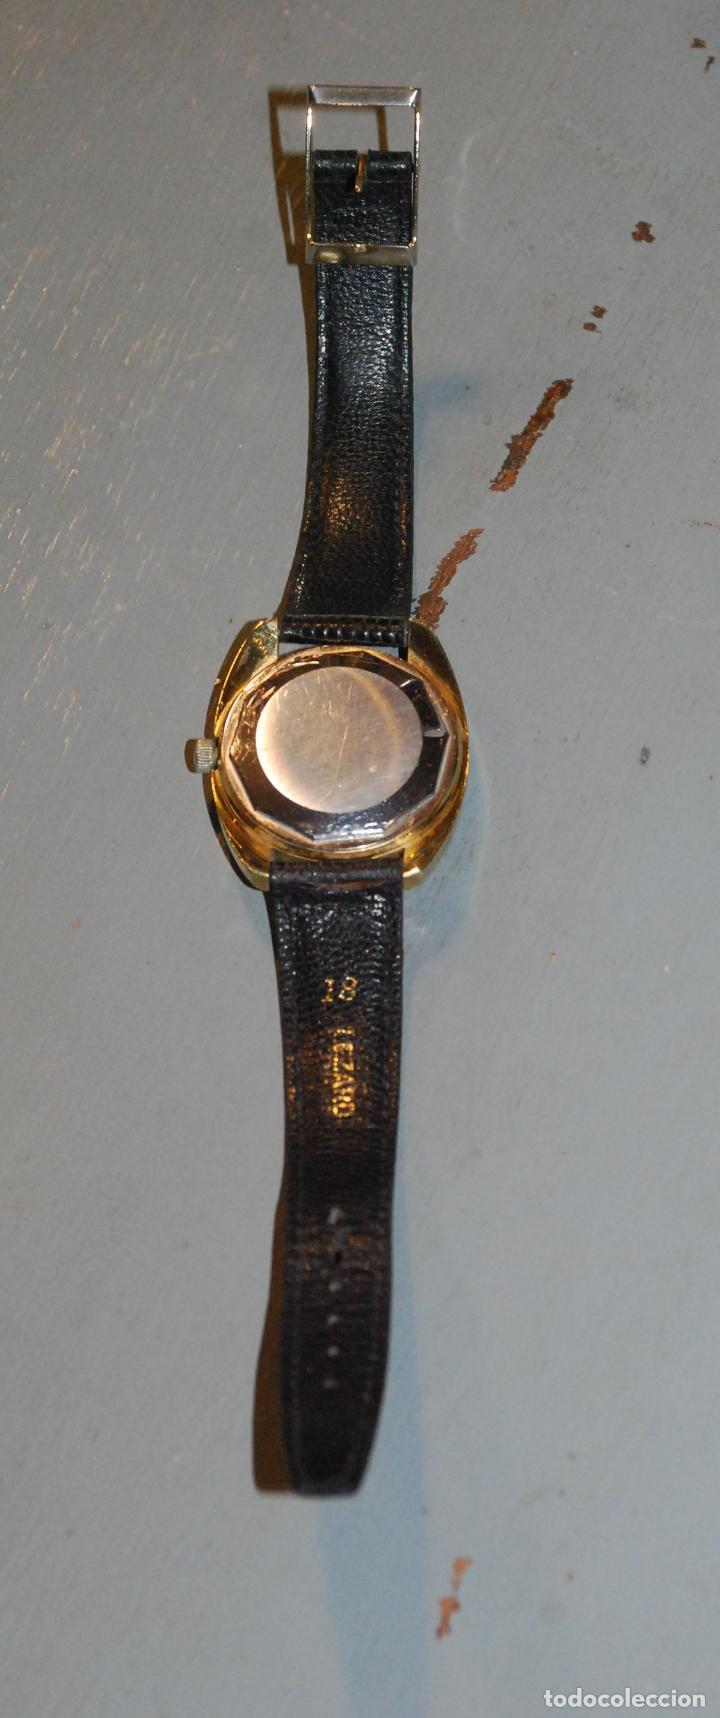 Relojes - Tissot: RELOJ TISSOT VINTAGE - Foto 8 - 74987387